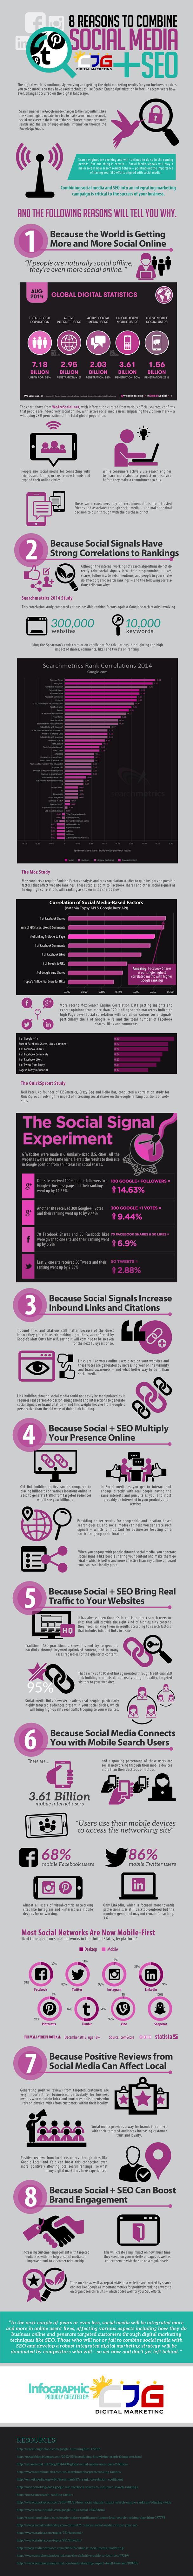 infographie-seo-reseaux-sociaux